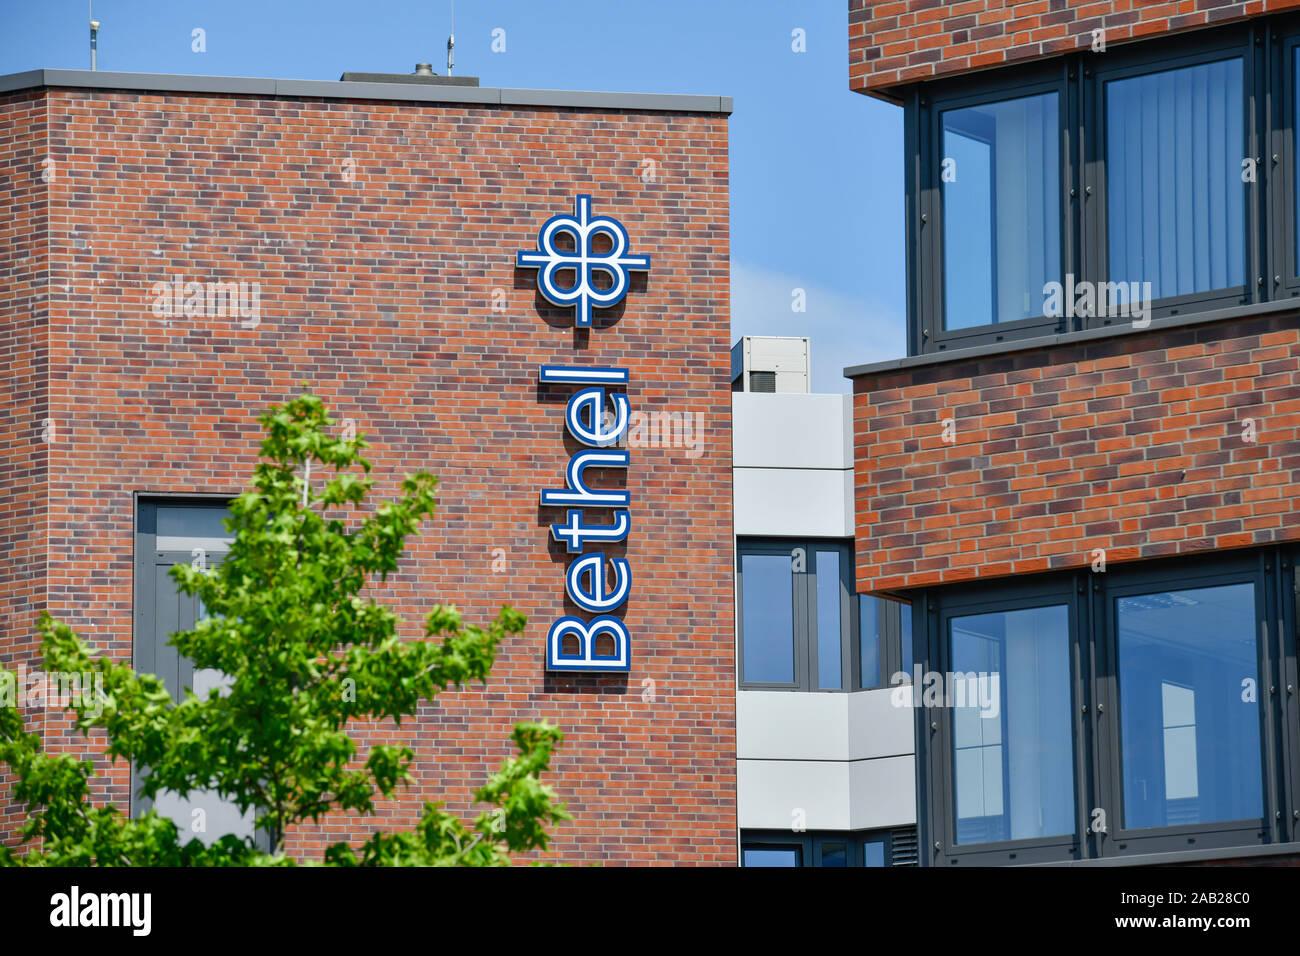 Hauptverwaltung, Von Bodelschwinghsche Stiftungen Bethel, Königsweg, Bielefeld, Nordrhein-Westfalen, Deutschland Stock Photo